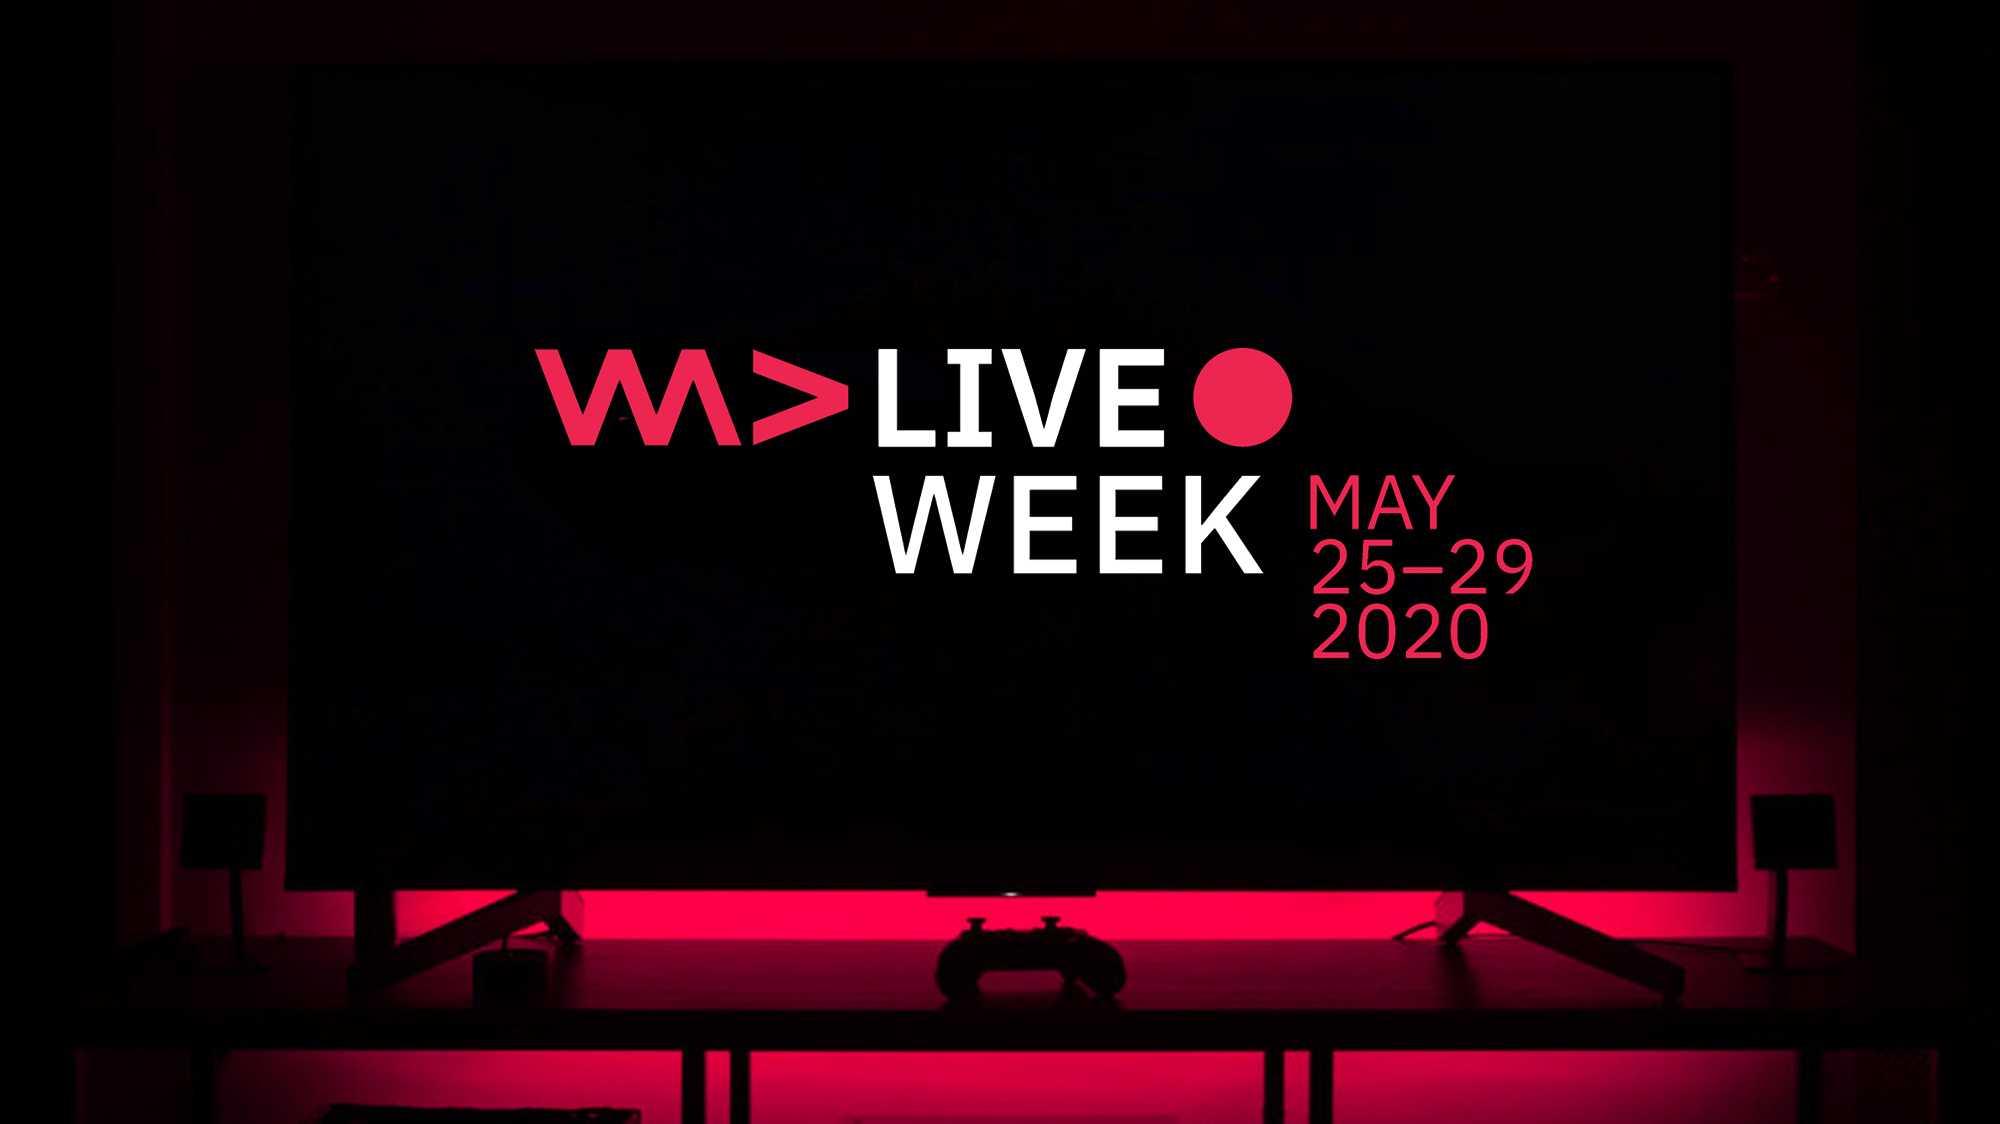 Am Freitag online: WeAreDevelopers Live Week – u.a. mit Web APIs, RxJS und ML